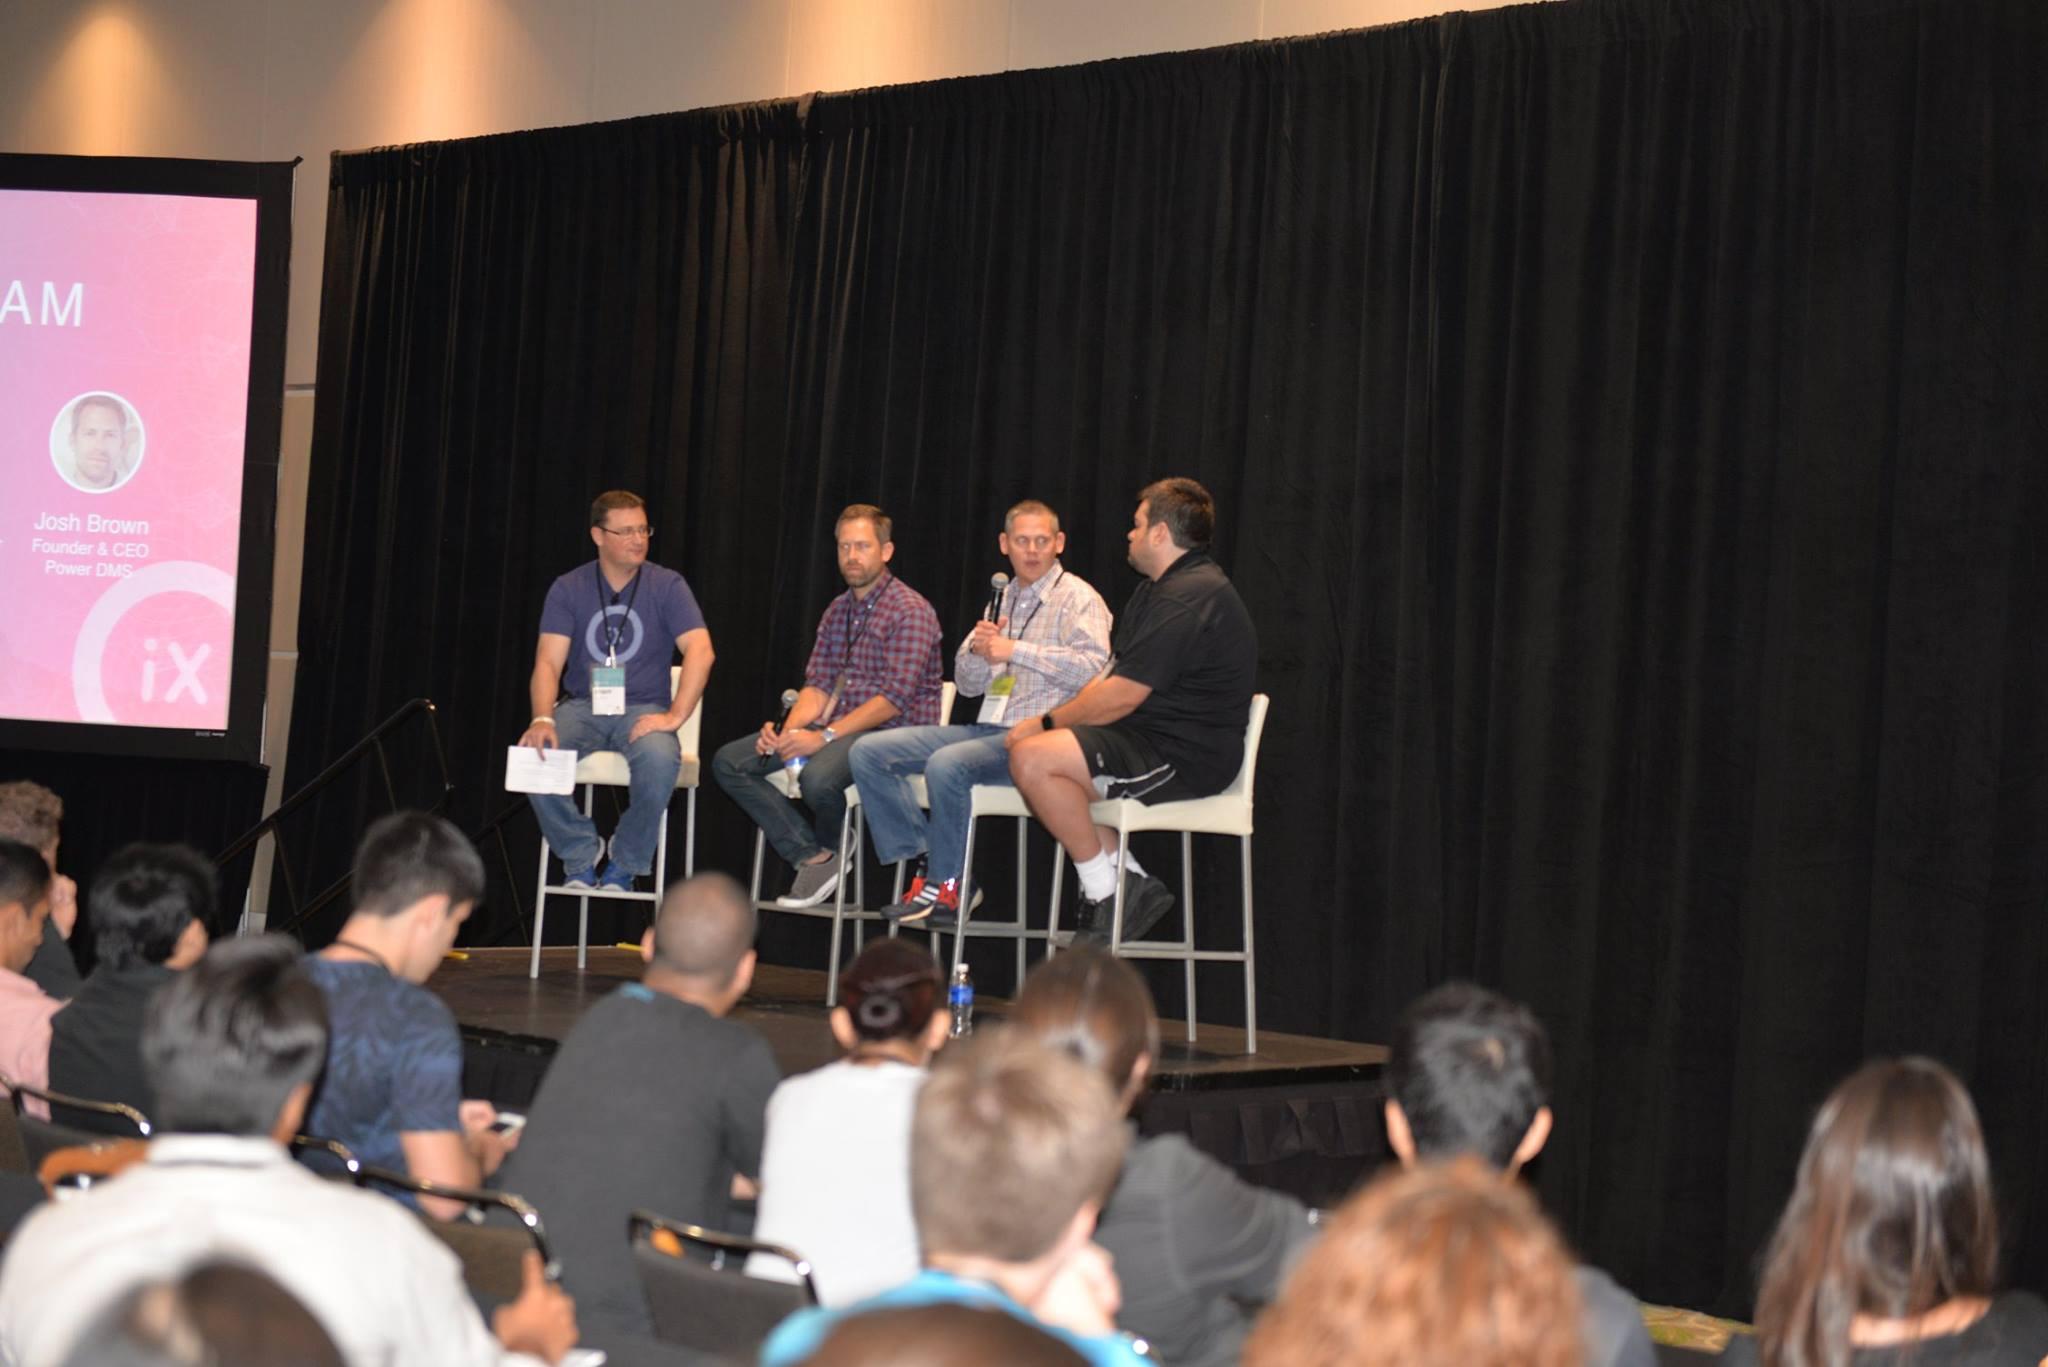 David C. Glass moderating a panel at OrlandoiX 2015